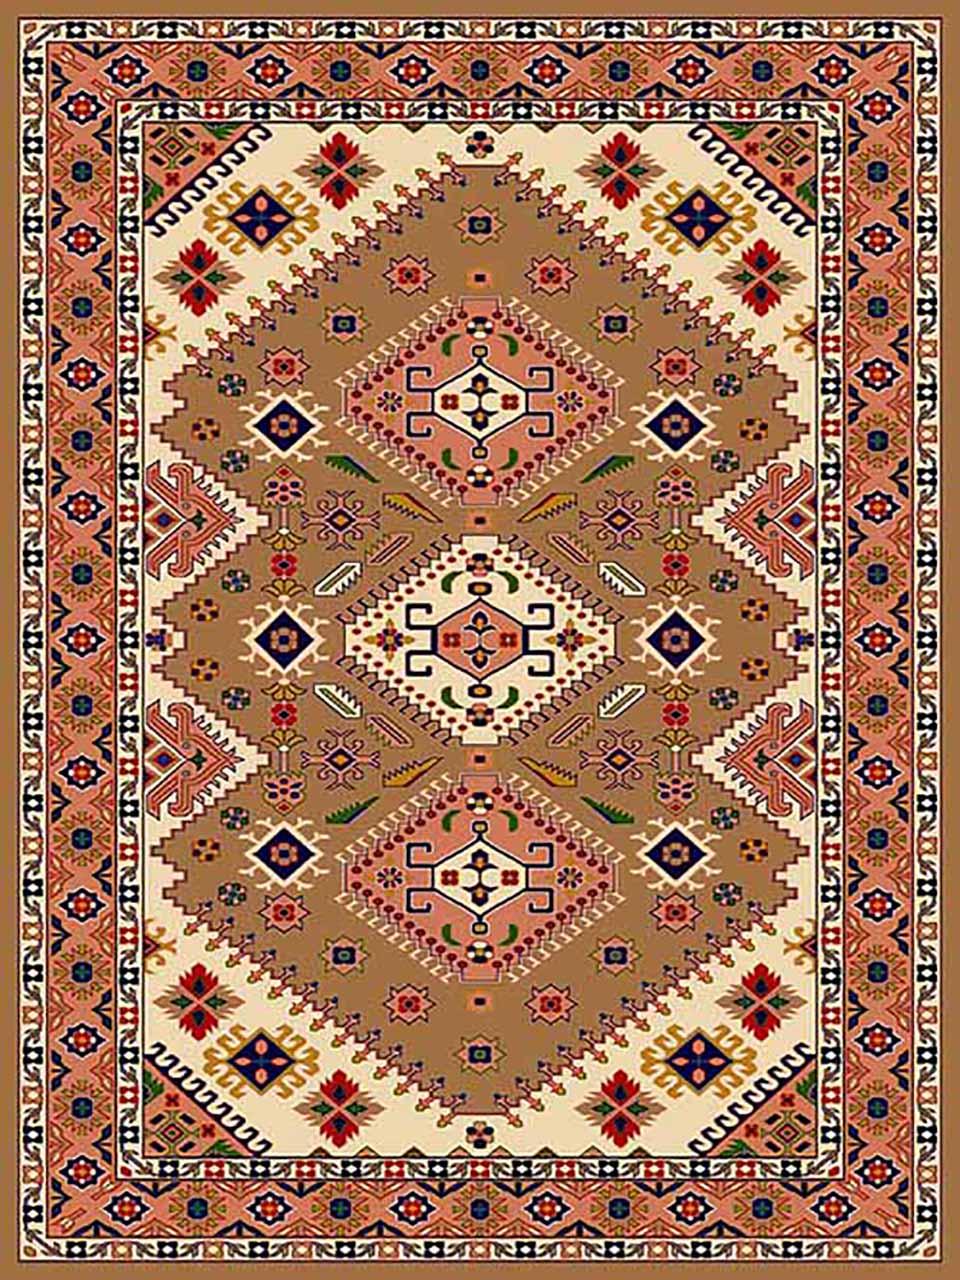 فرش (266) پلی پروپیلن - 8 رنگ - 320 شانه - بژ - تراکم 960